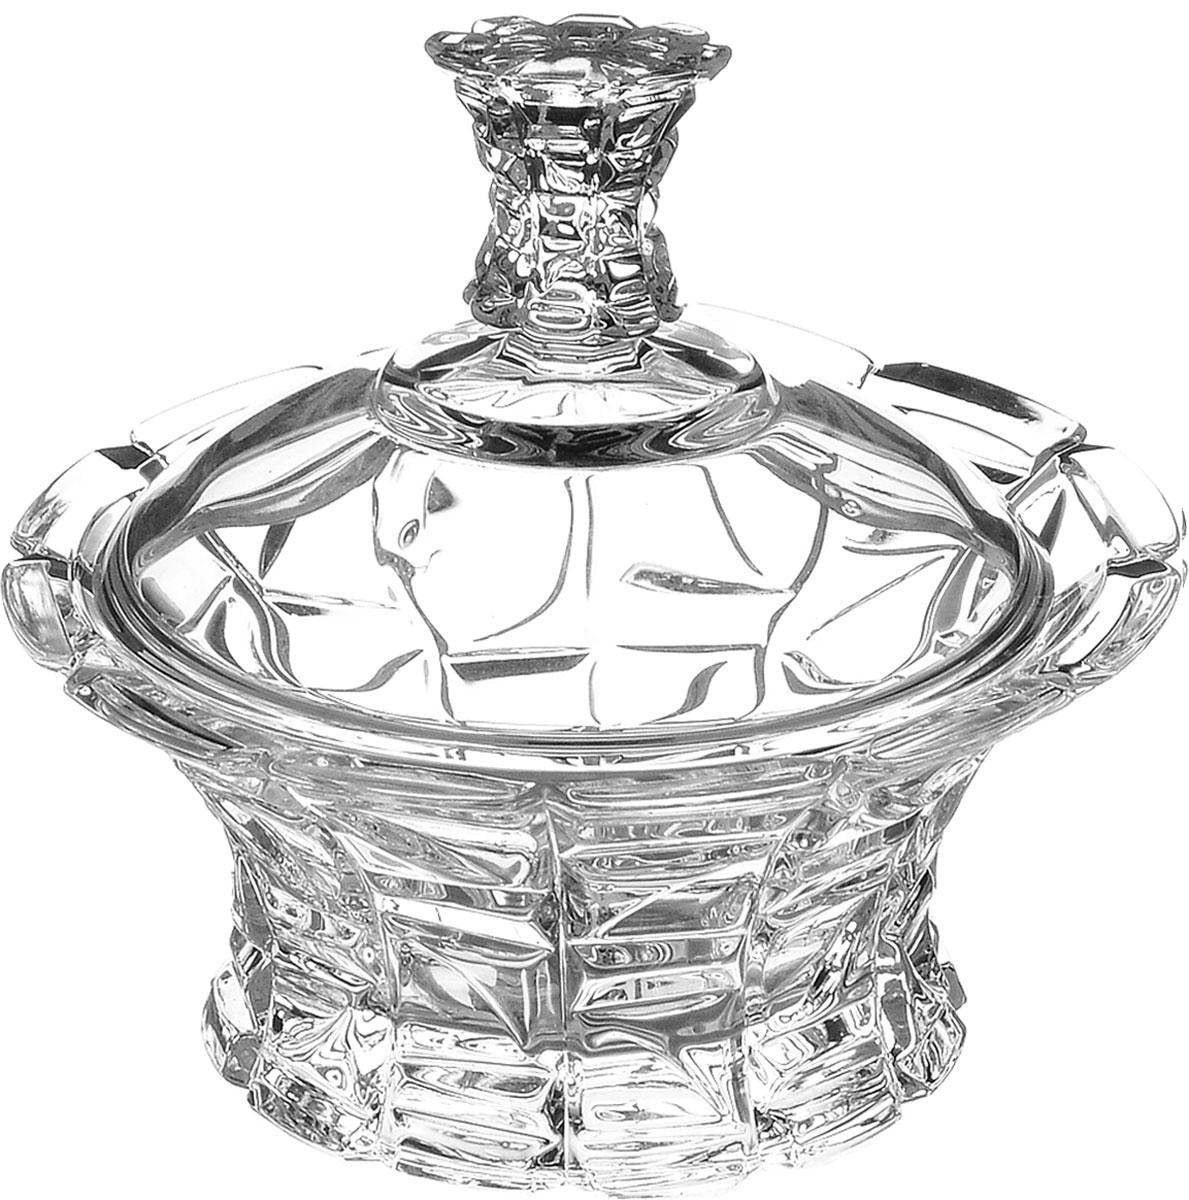 Конфетница Crystal Bohemia, с крышкой, диаметр 12,5 см990/53703/1/47610/125-109Элегантная конфетница Crystal Bohemia выполнена из настоящего чешский хрусталя с содержанием 24% оксида свинца, что придает изделию поразительную прозрачность и чистоту, невероятный блеск, присущий только ювелирным изделиям, особое, ни с чем не сравнимое светопреломление и игру всеми красками спектра как при естественном, так и при искусственном освещении. Изделие предназначено для подачи сладостей (конфет, сахара, меда, изюма, орехов и многого другого). Она придает легкость, воздушность сервировке стола и создаст особую атмосферу праздника. Конфетница Crystal Bohemia не только украсит ваш кухонный стол и подчеркнет прекрасный вкус хозяина, но и станет отличным подарком для ваших близких и друзей. Диаметр конфетницы (по верхнему краю): 12,5 см. Высота конфетницы (с учетом крышки): 11,5 см.